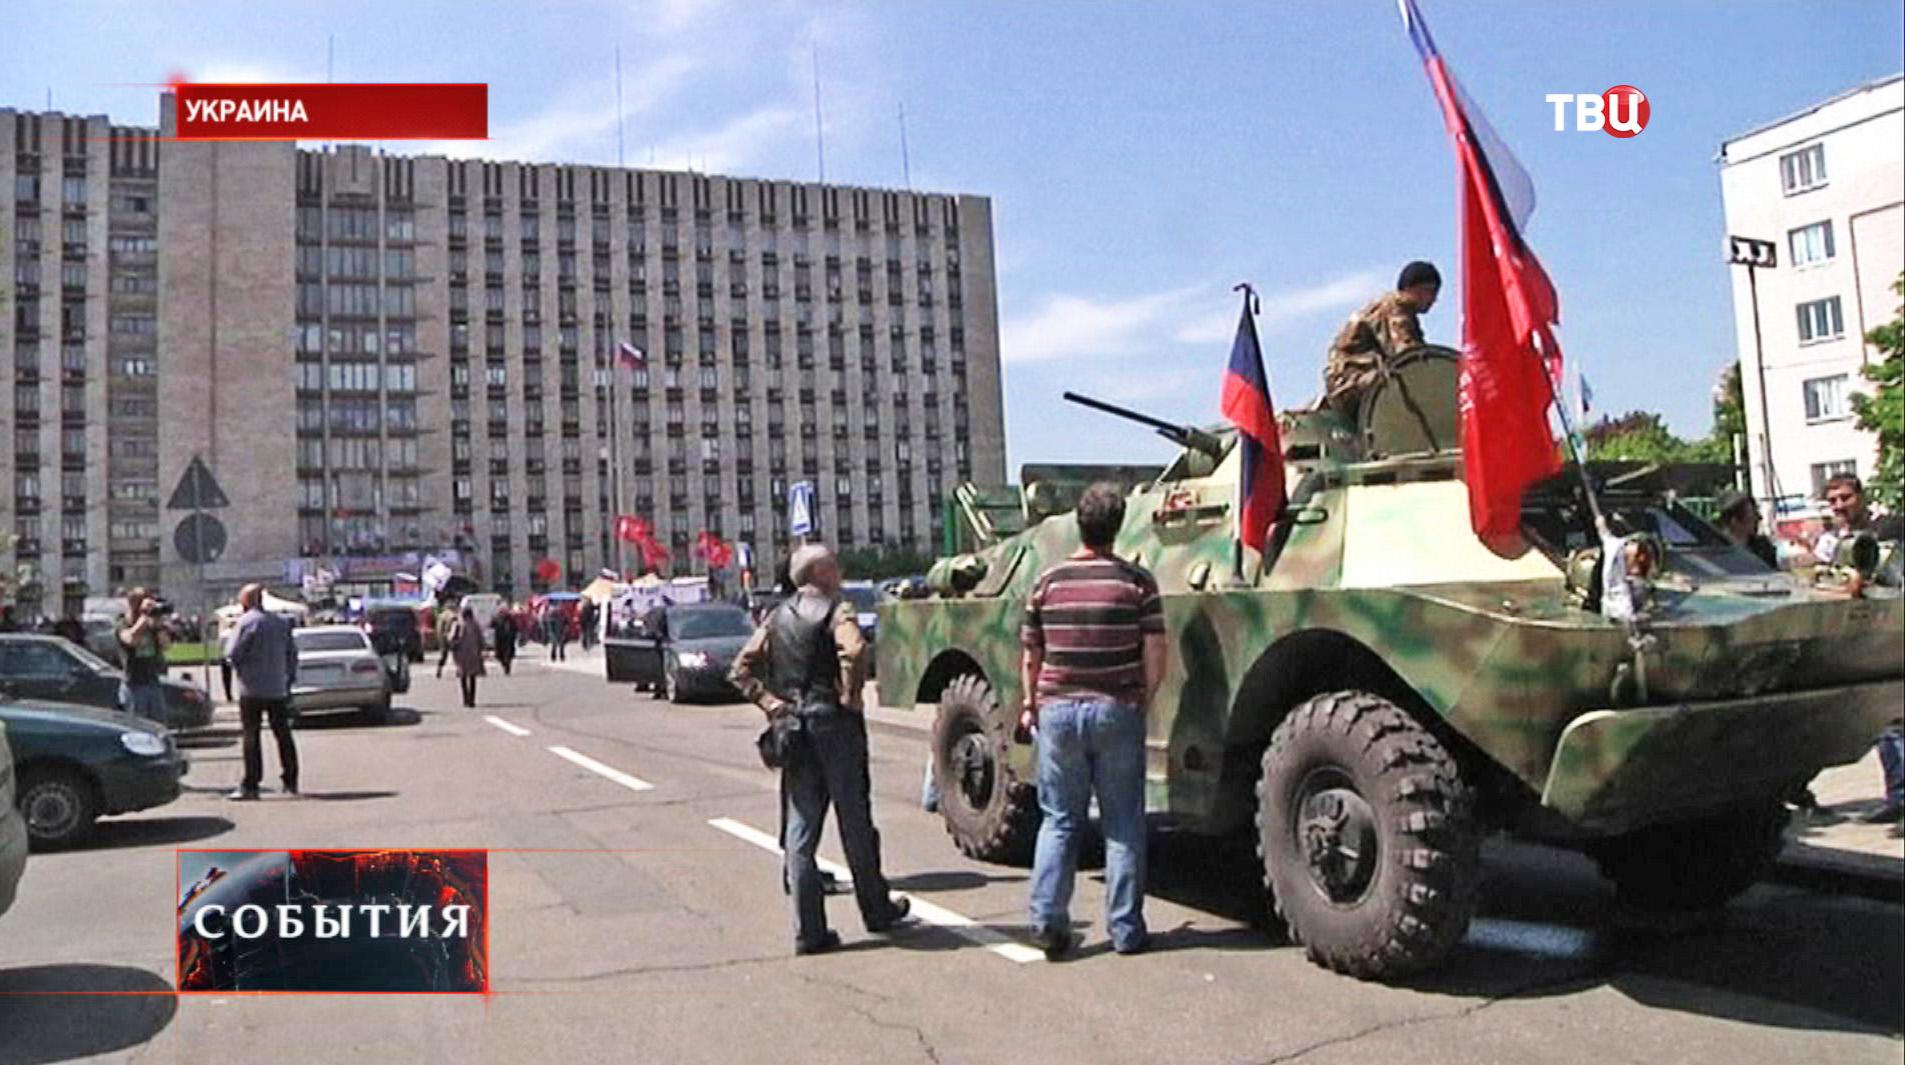 Броневик с бойцами народного ополчения на площади в Донецке